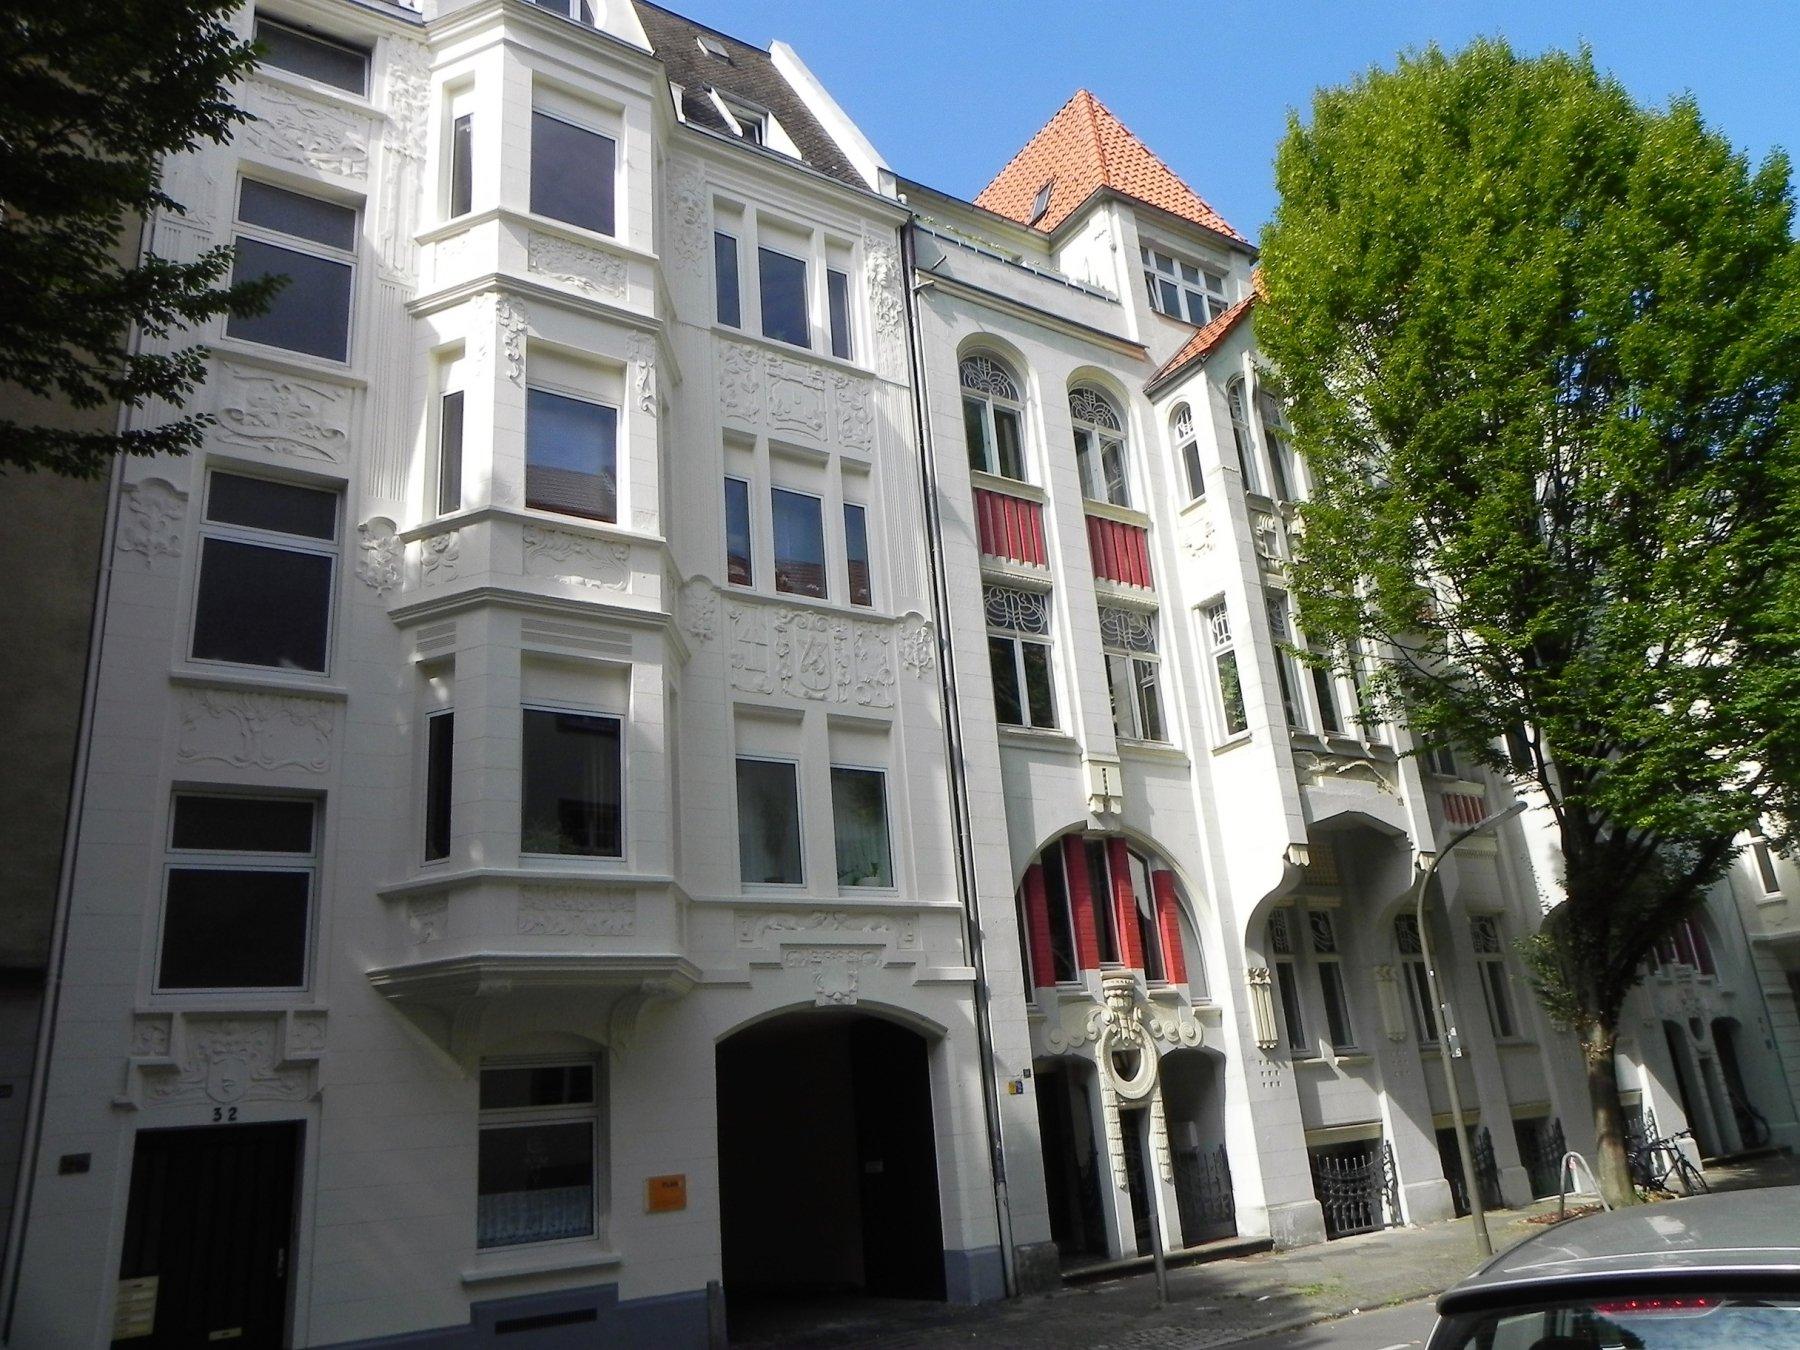 Foto: Wolfgang Kienast, Kaiserstraßenviertel, Jugendstil